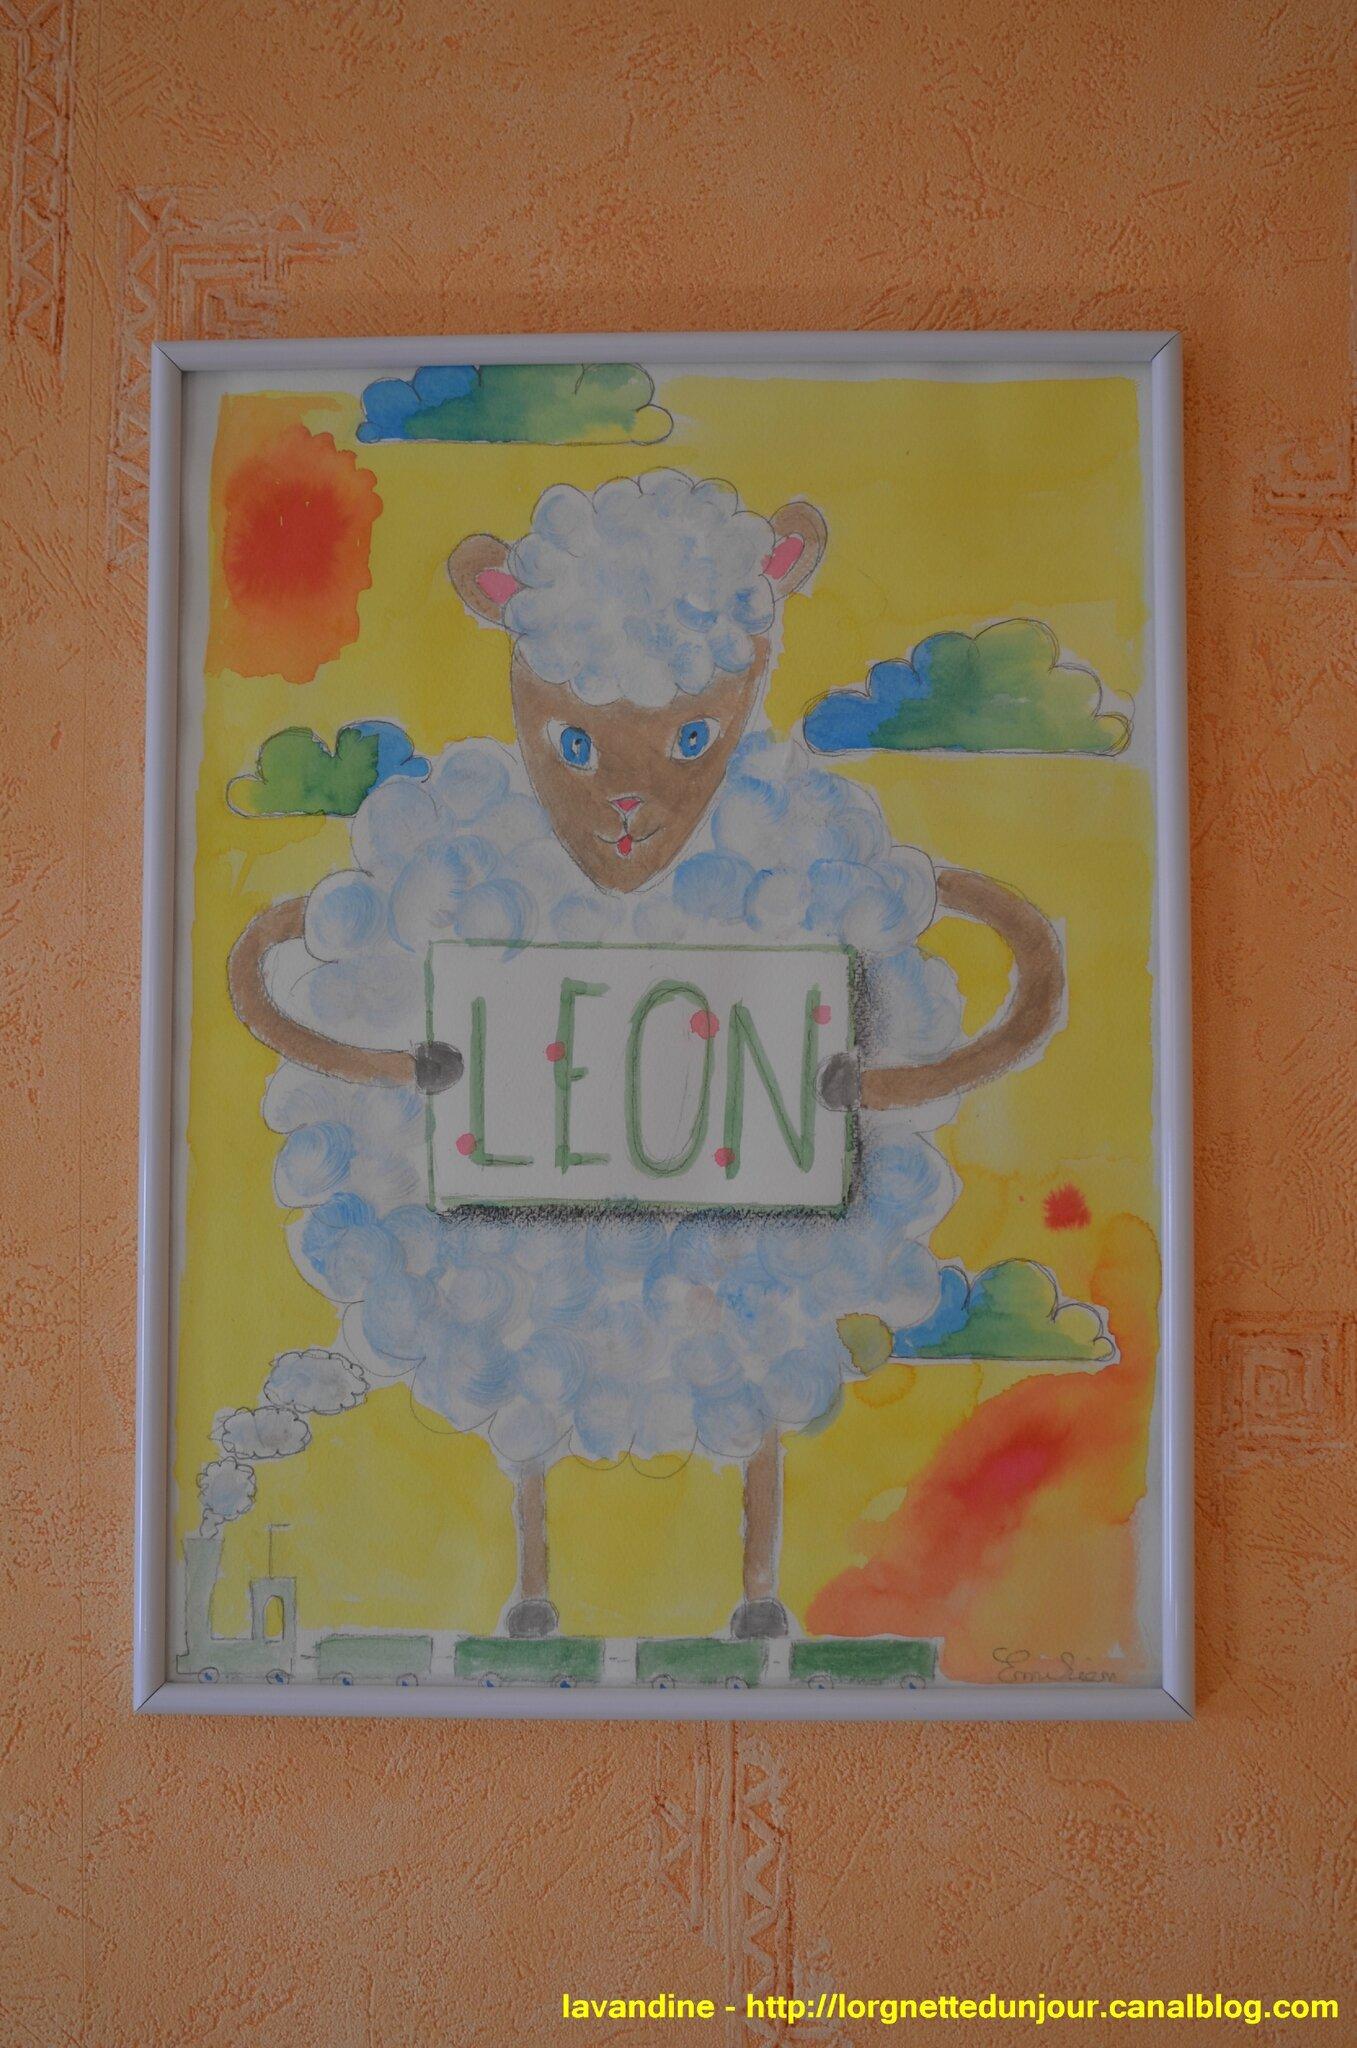 04/04/15 : Léon, le mouton en 3D (1)